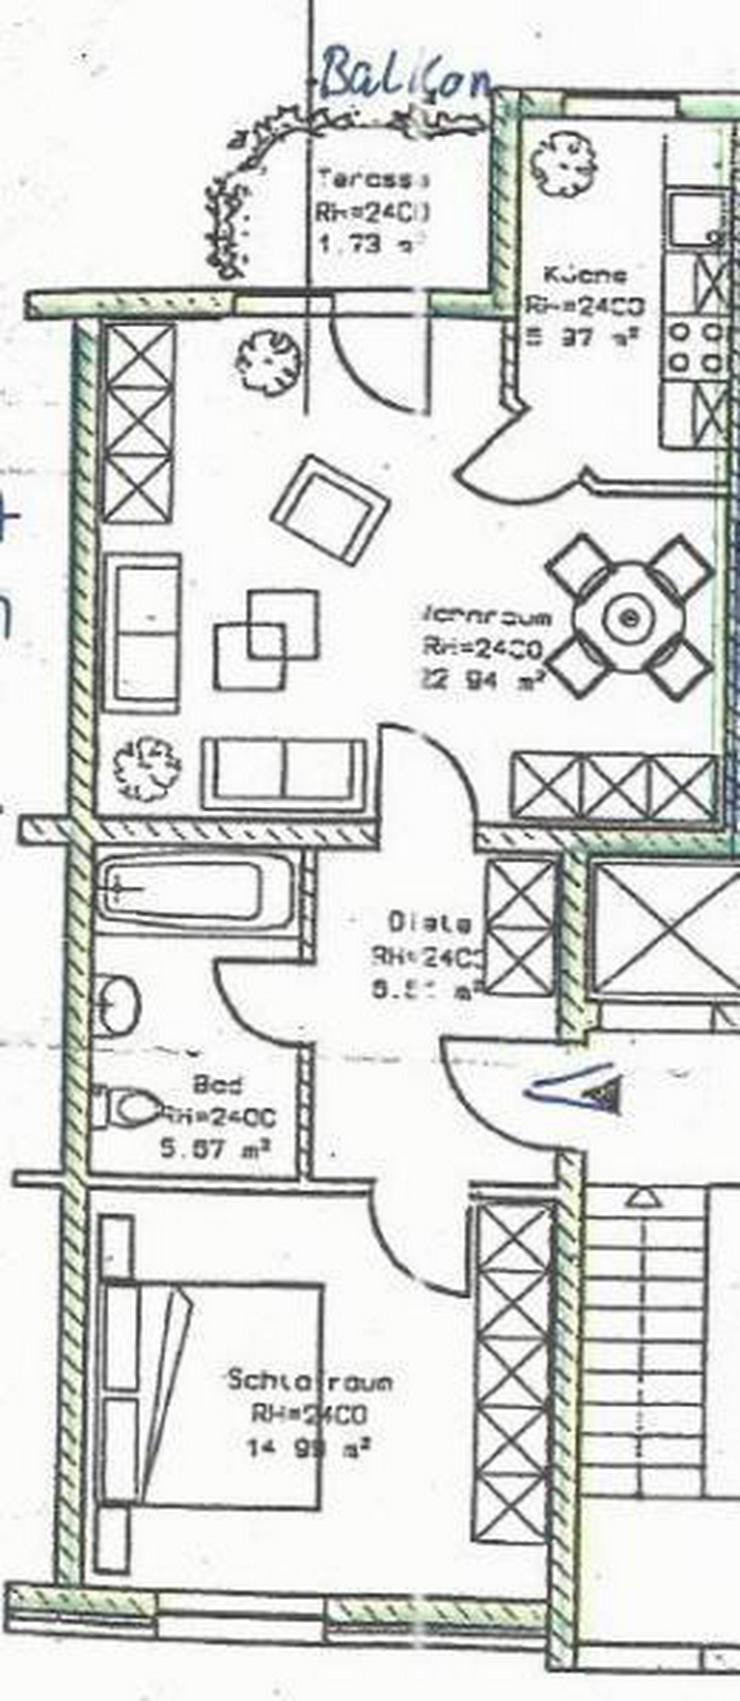 Immobilienpaket! 5x 2-Zimmer-ET-Wohnungen mit Aufzug, Balkonen und TG-Stellplätzen! Prov.... - Bild 1